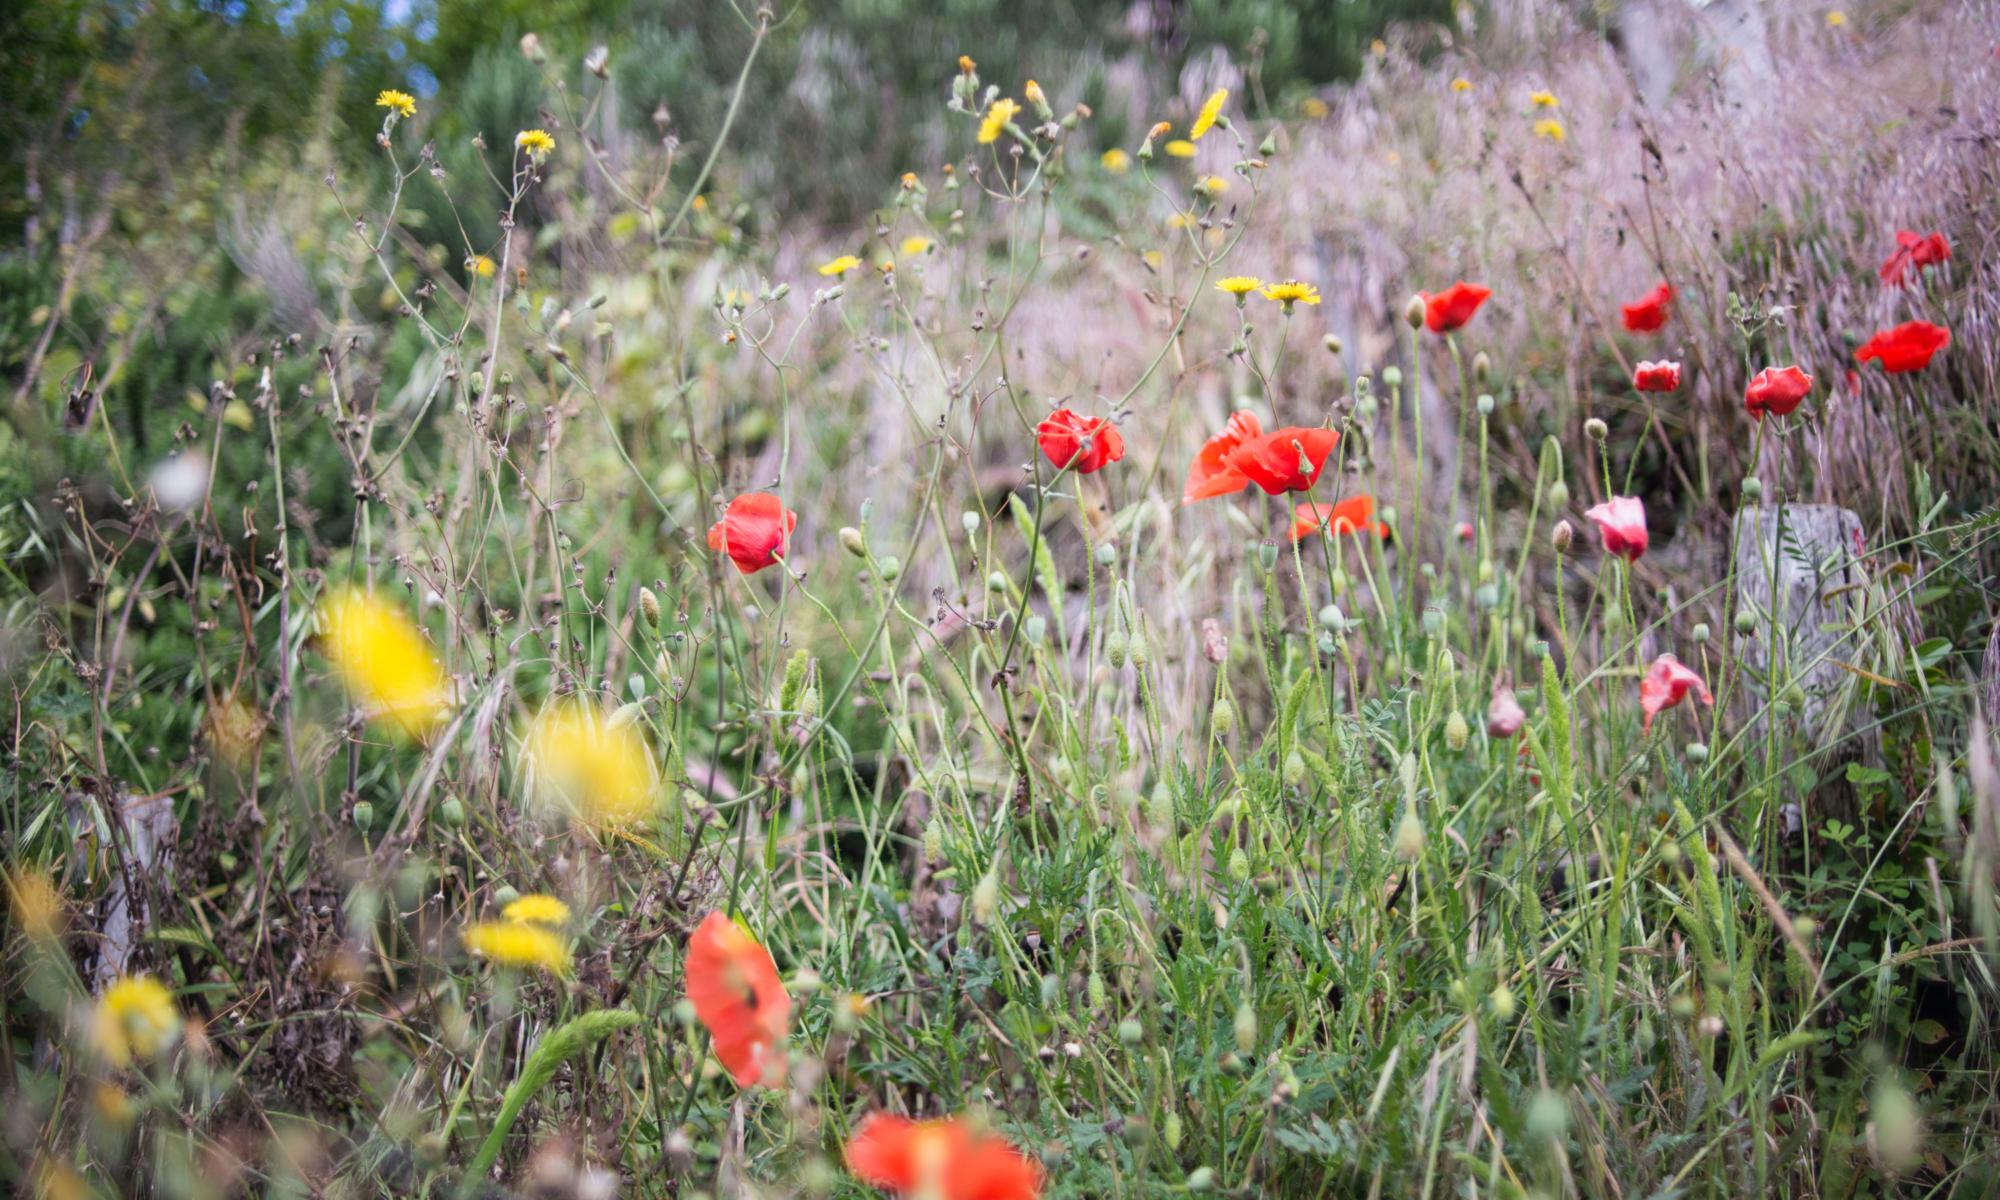 Eine Wildblumenwiese ist ein Paradies für Insekten und damit wichtig für Artenvielfalt. Wir müssen das Insektensterben stoppen.